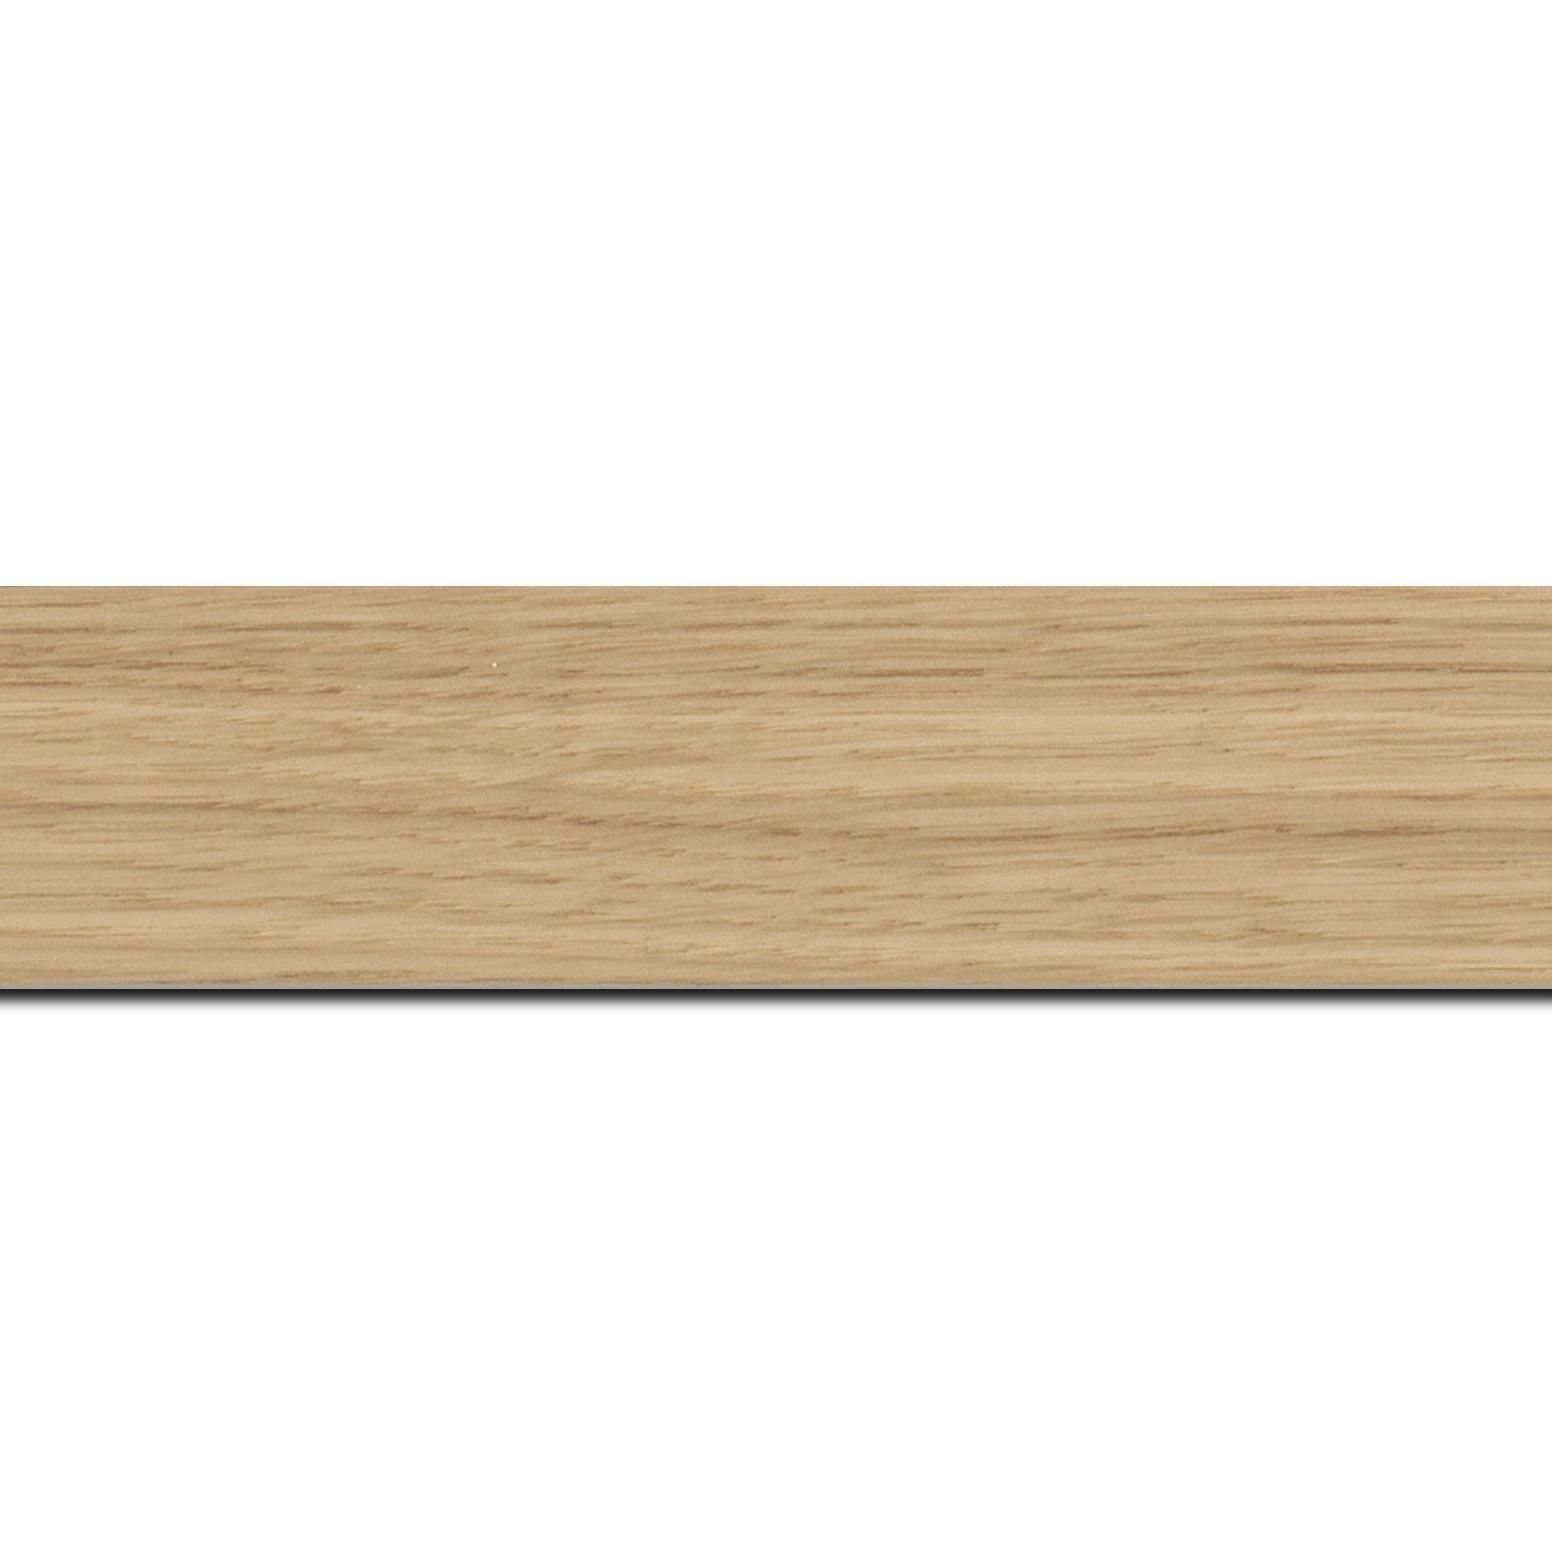 Baguette longueur 1.40m bois profil plat largeur 4cm plaquage haut de gamme chêne naturel